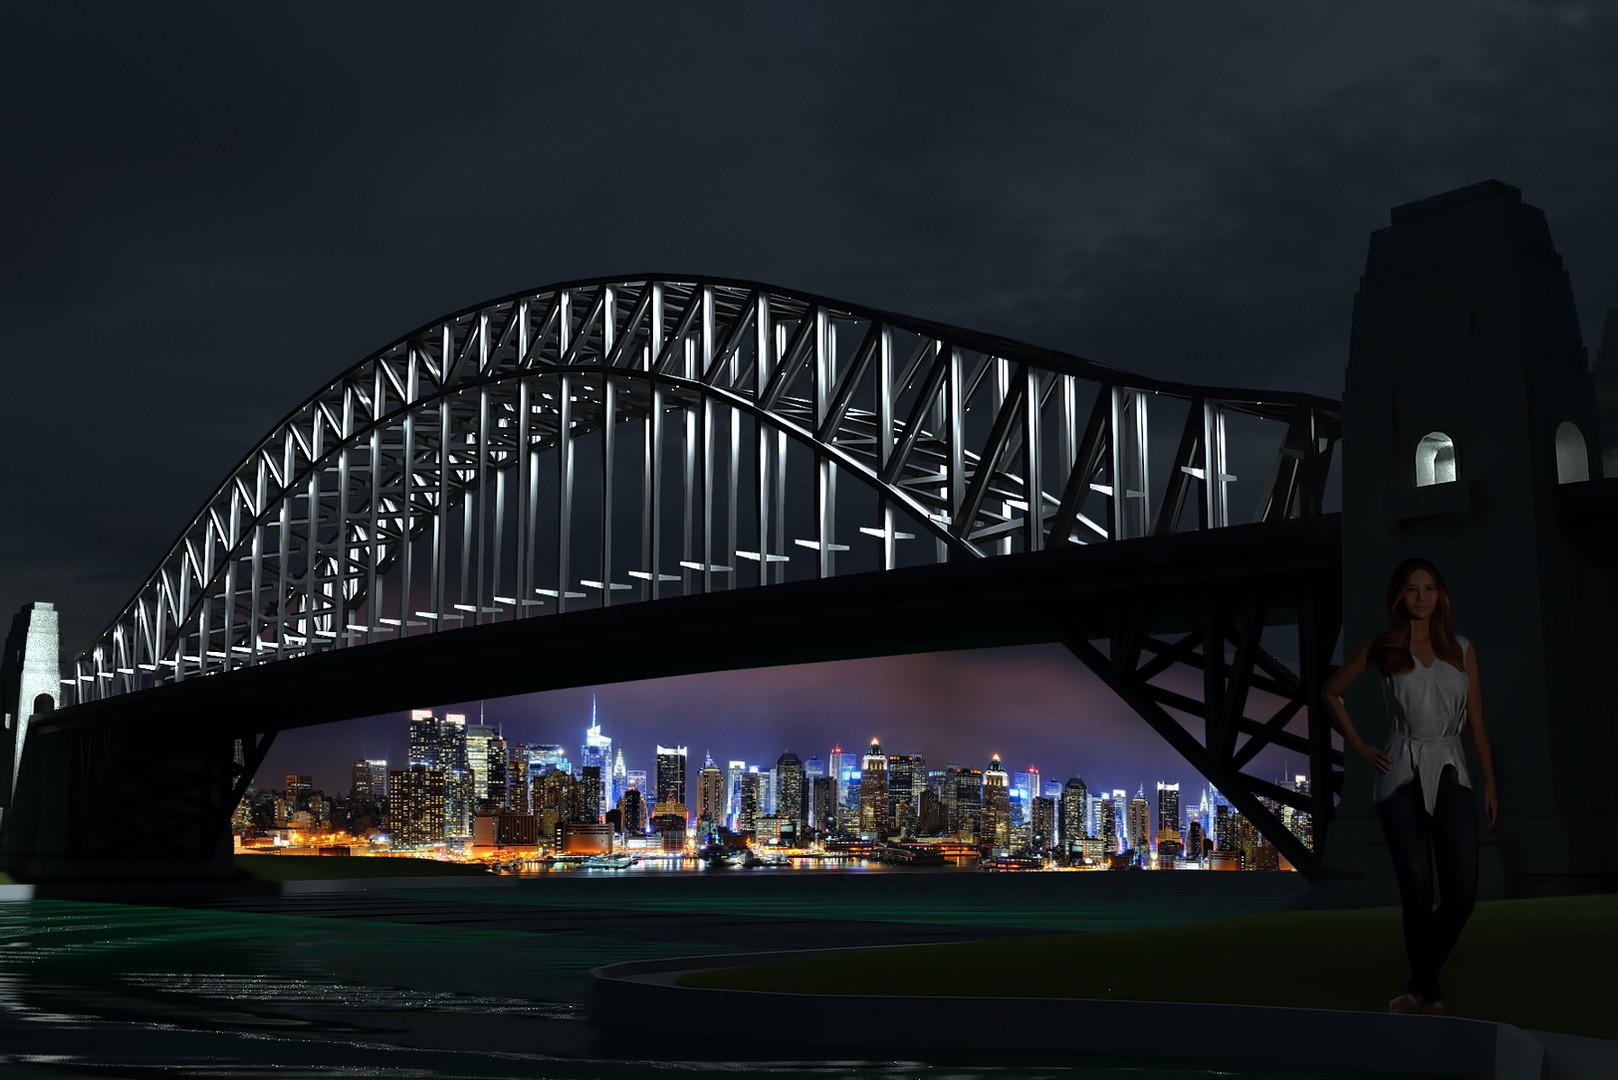 Архитектурная подсветка моста светильниками наружного освещения CERTUS Lighting